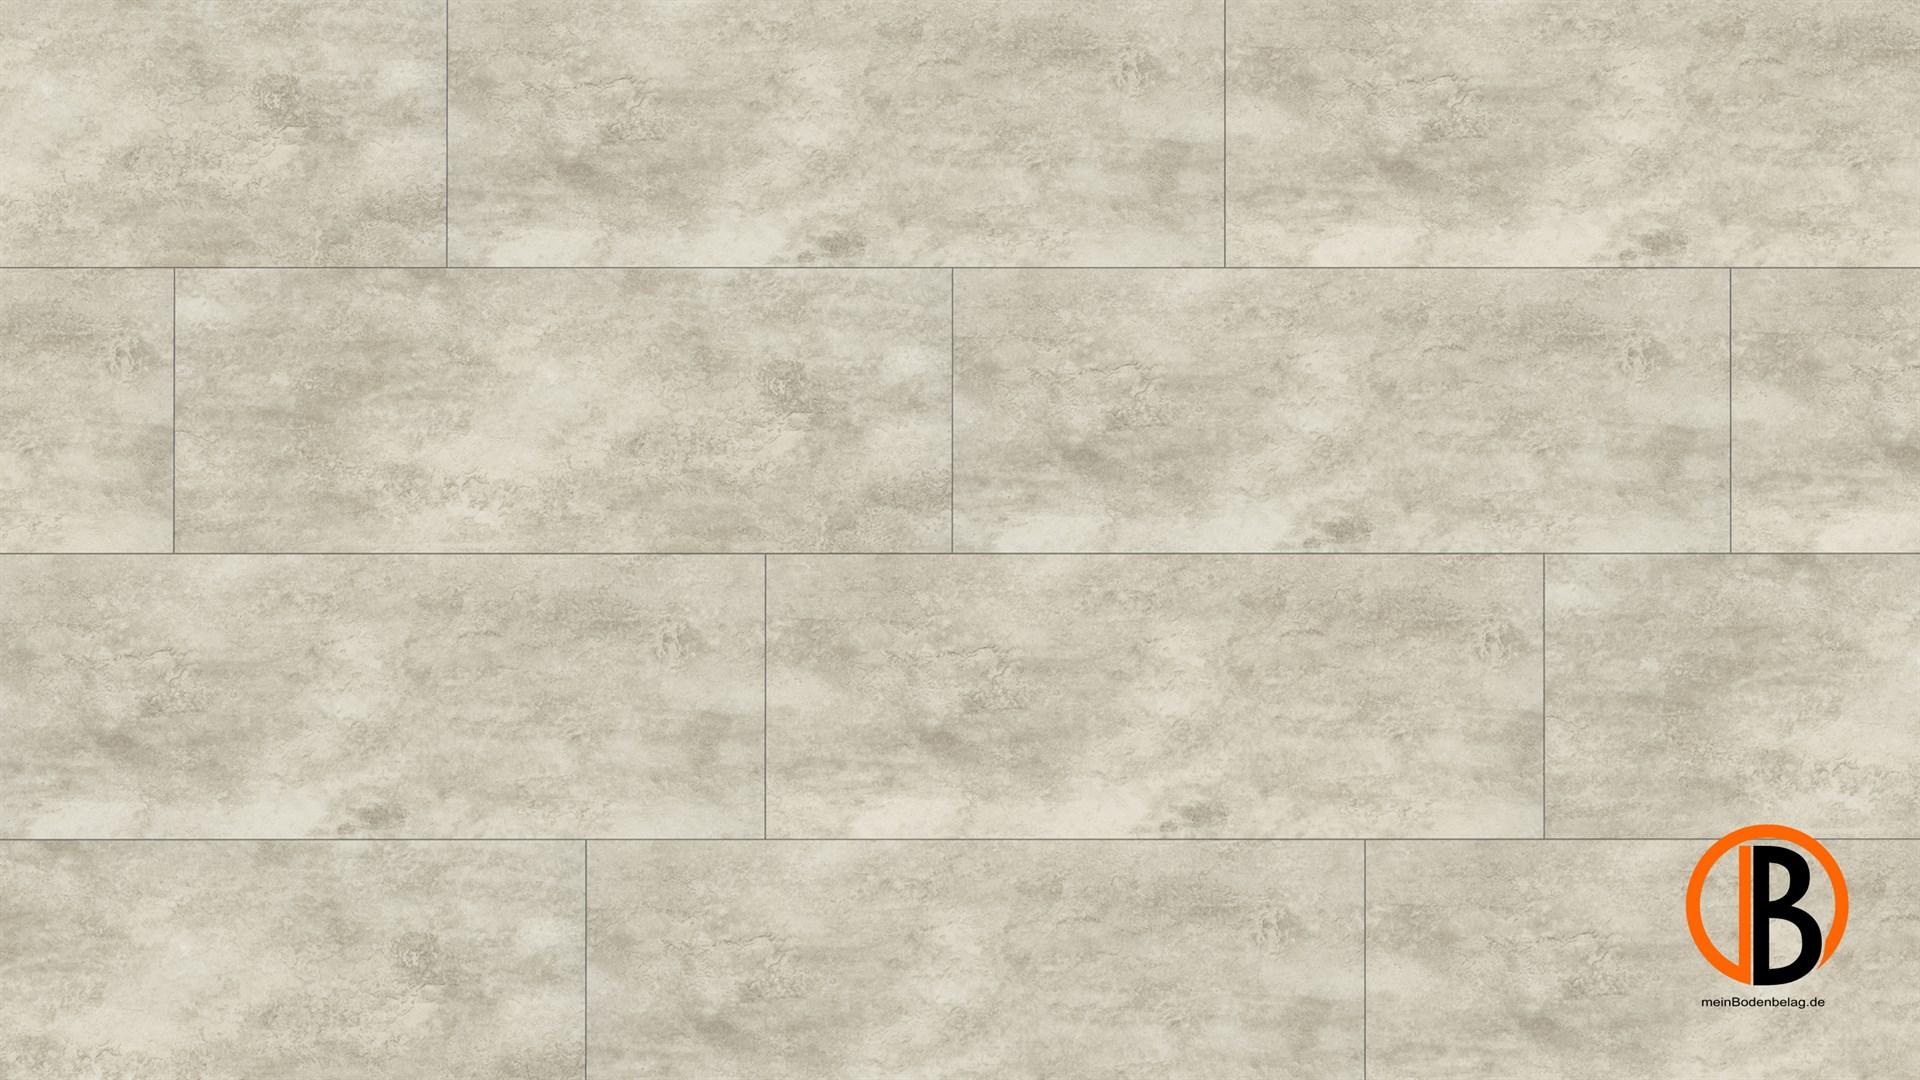 CINQUE KWG DESIGNERVINYL ANTIGUA STONE HDF | 10000267;0 | Bild 1